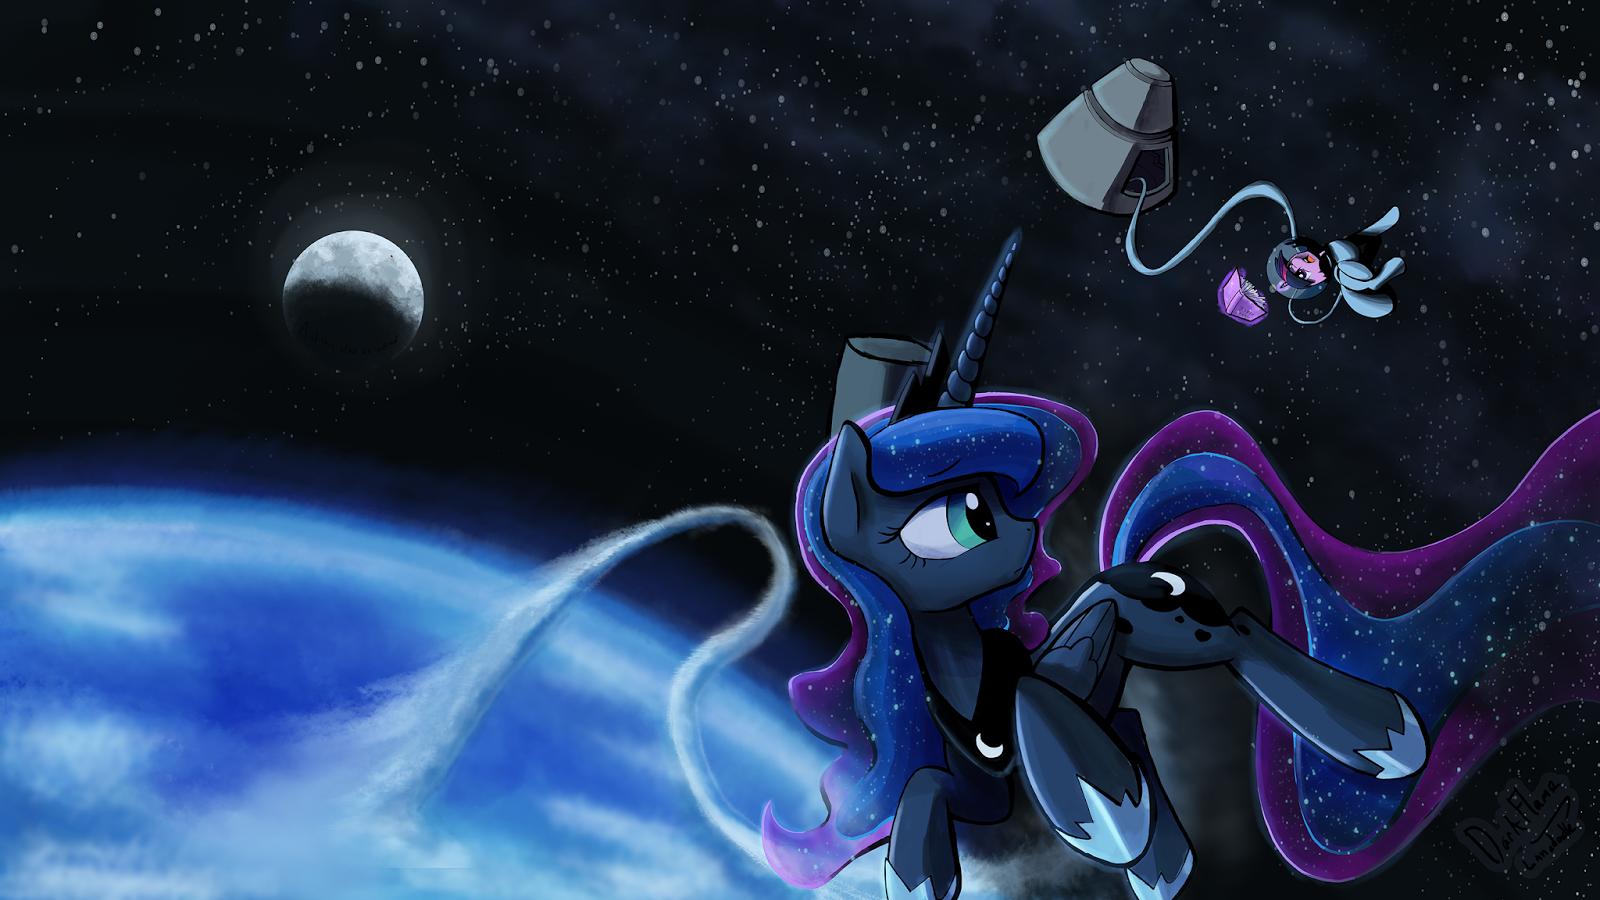 Space Princess Luna & Twilight